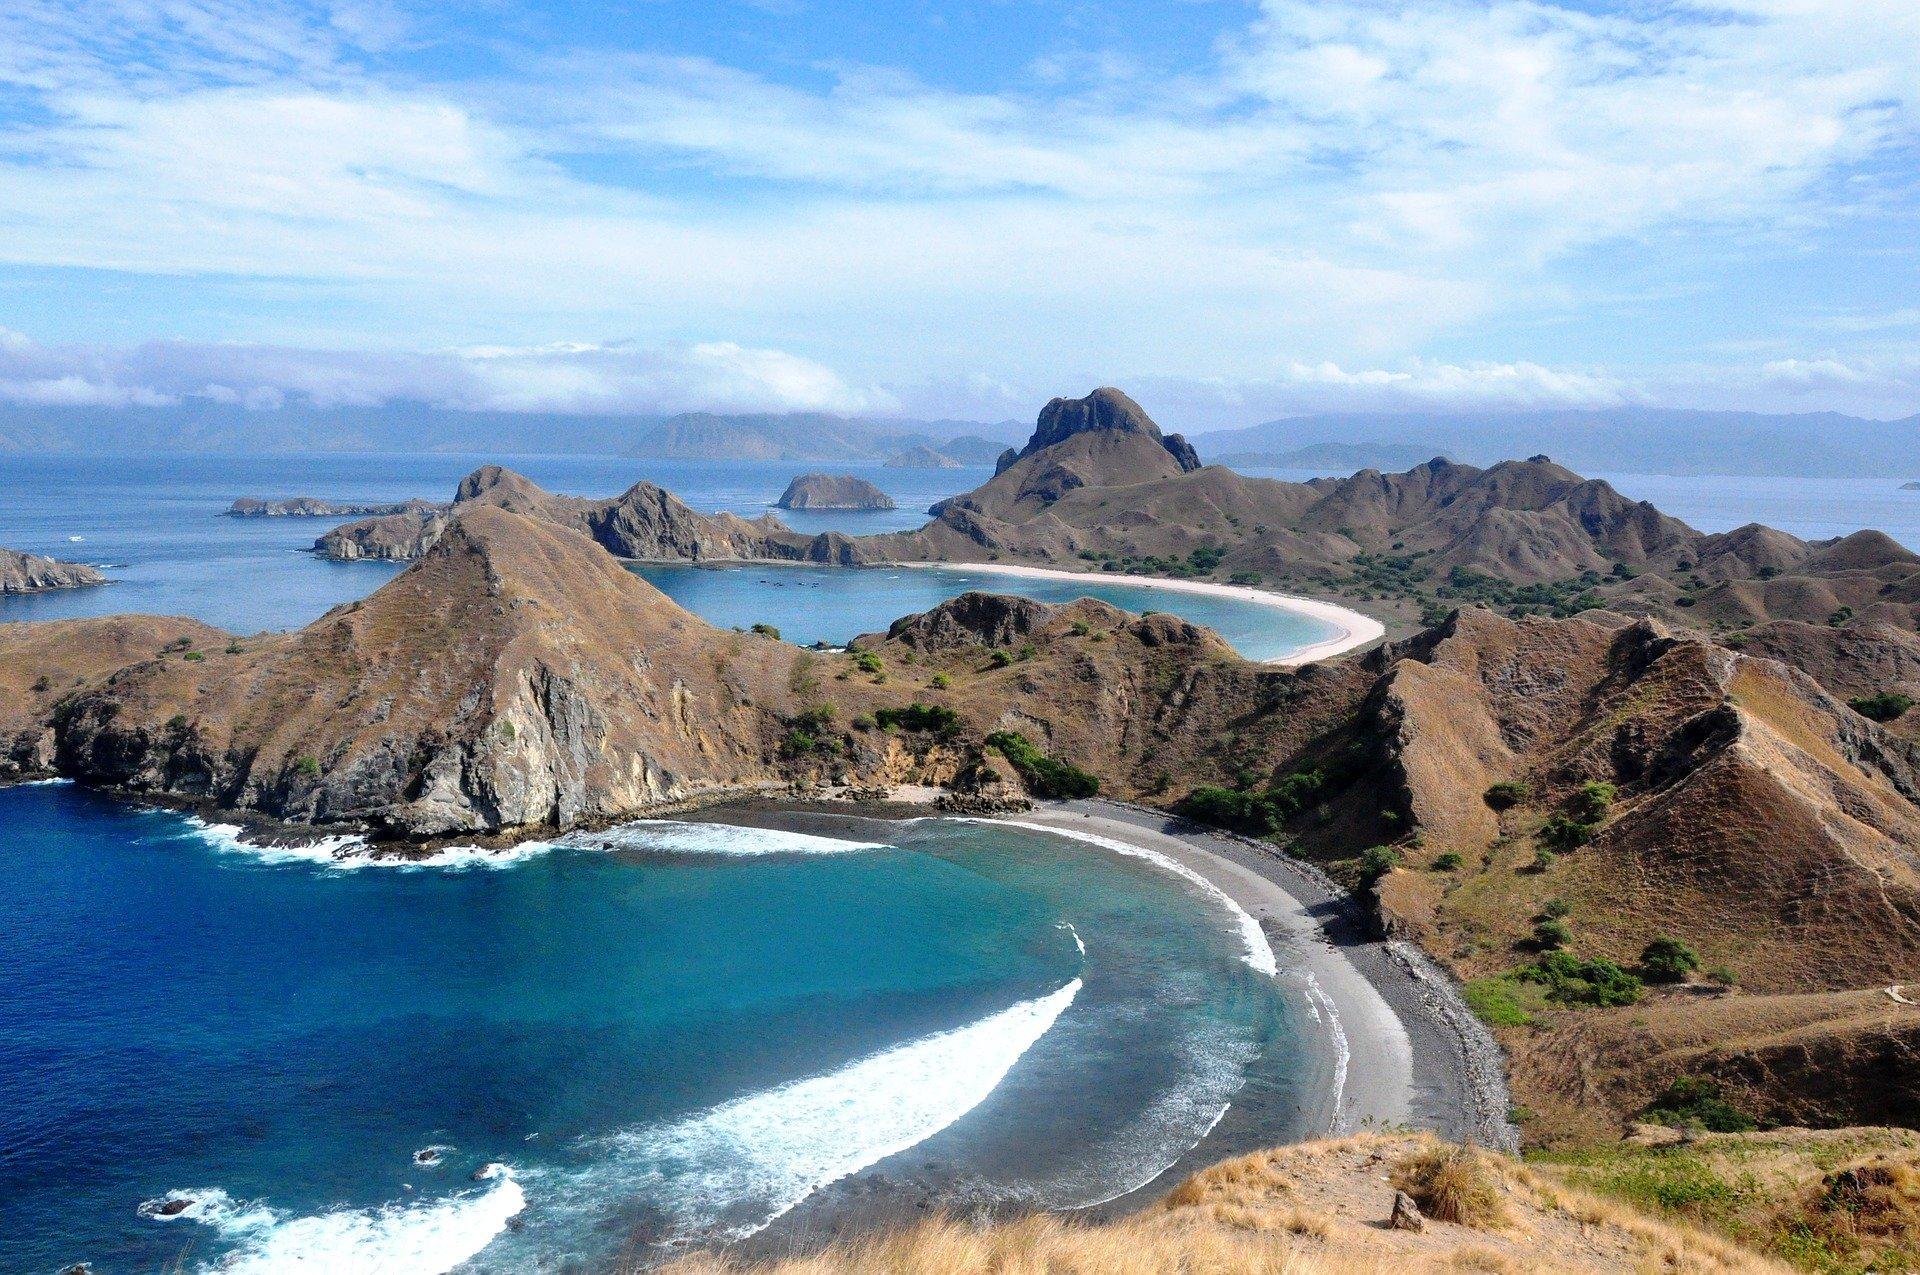 Wisata Premium Labuan Bajo Untuk Siapa? | The Columnist